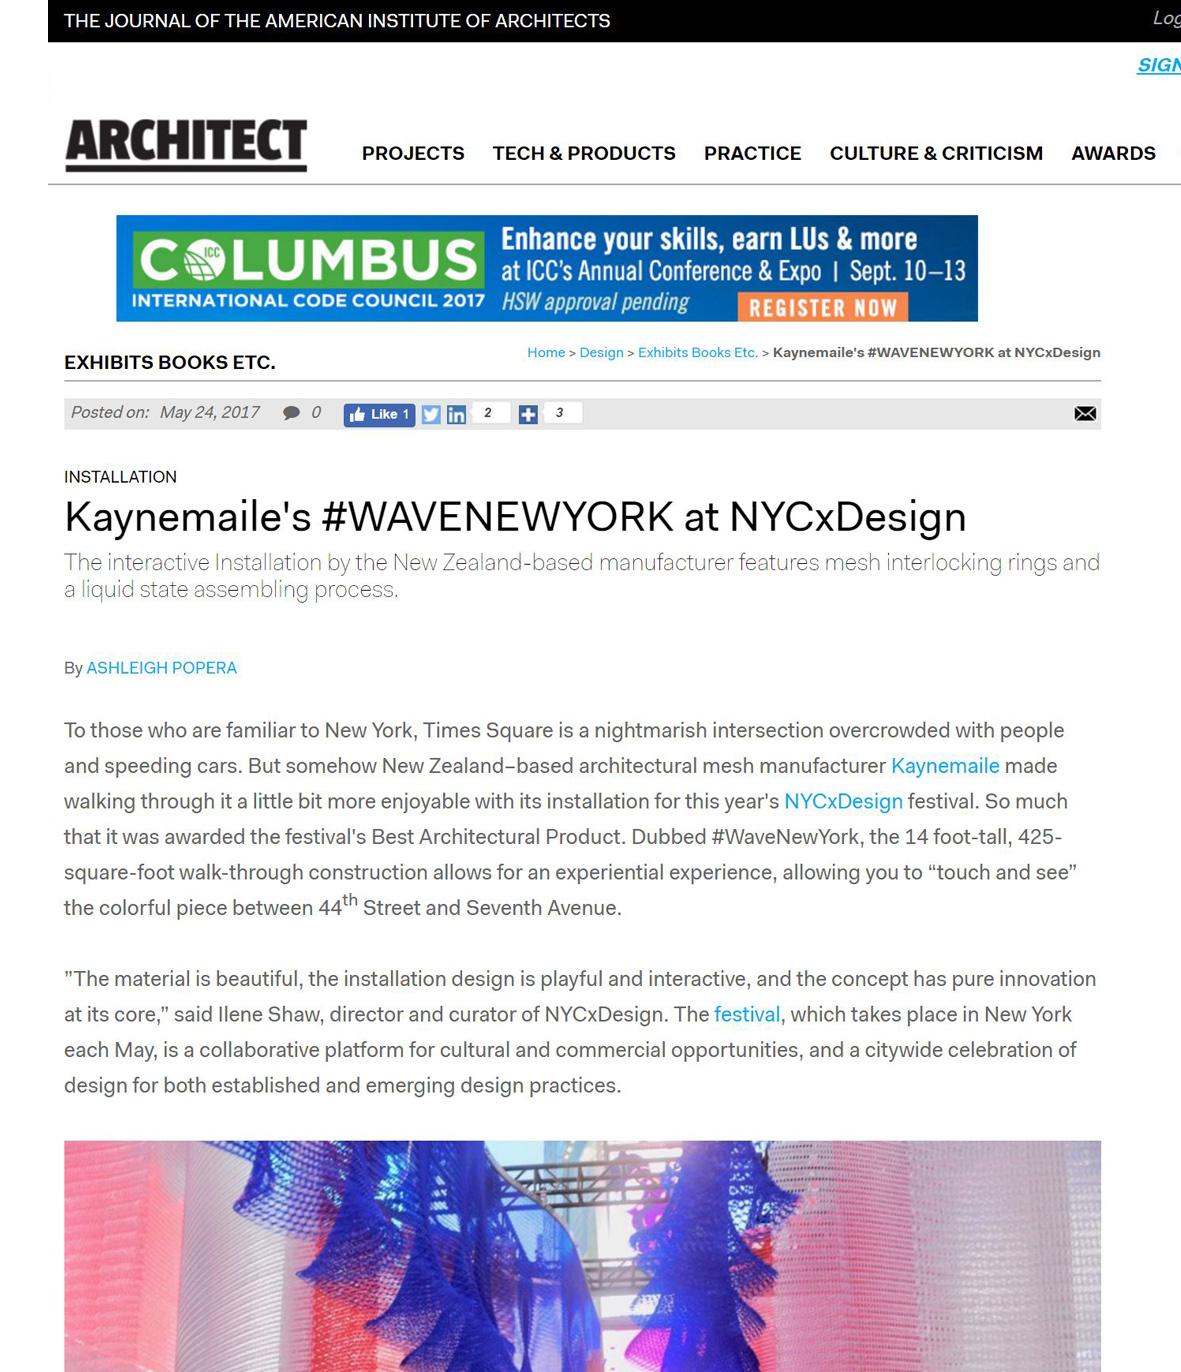 Architect: Kaynemaile's #wavenewyork at NYCxDesign